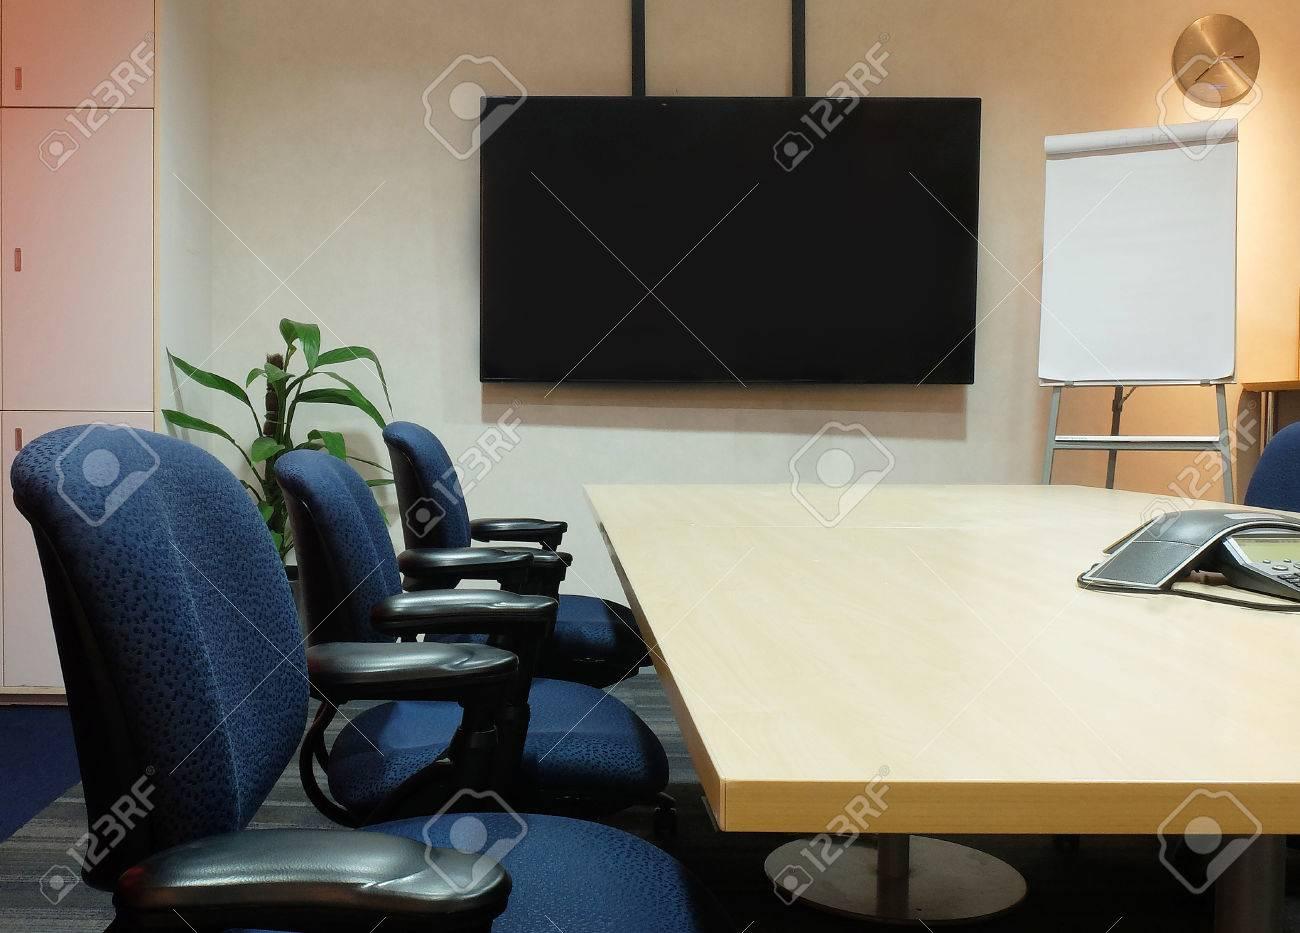 banque d images the empty salle de reunion avec mobilier de bureau usage conference de la table chaises tissu ergonomiques ecran blanc et blanc sur les